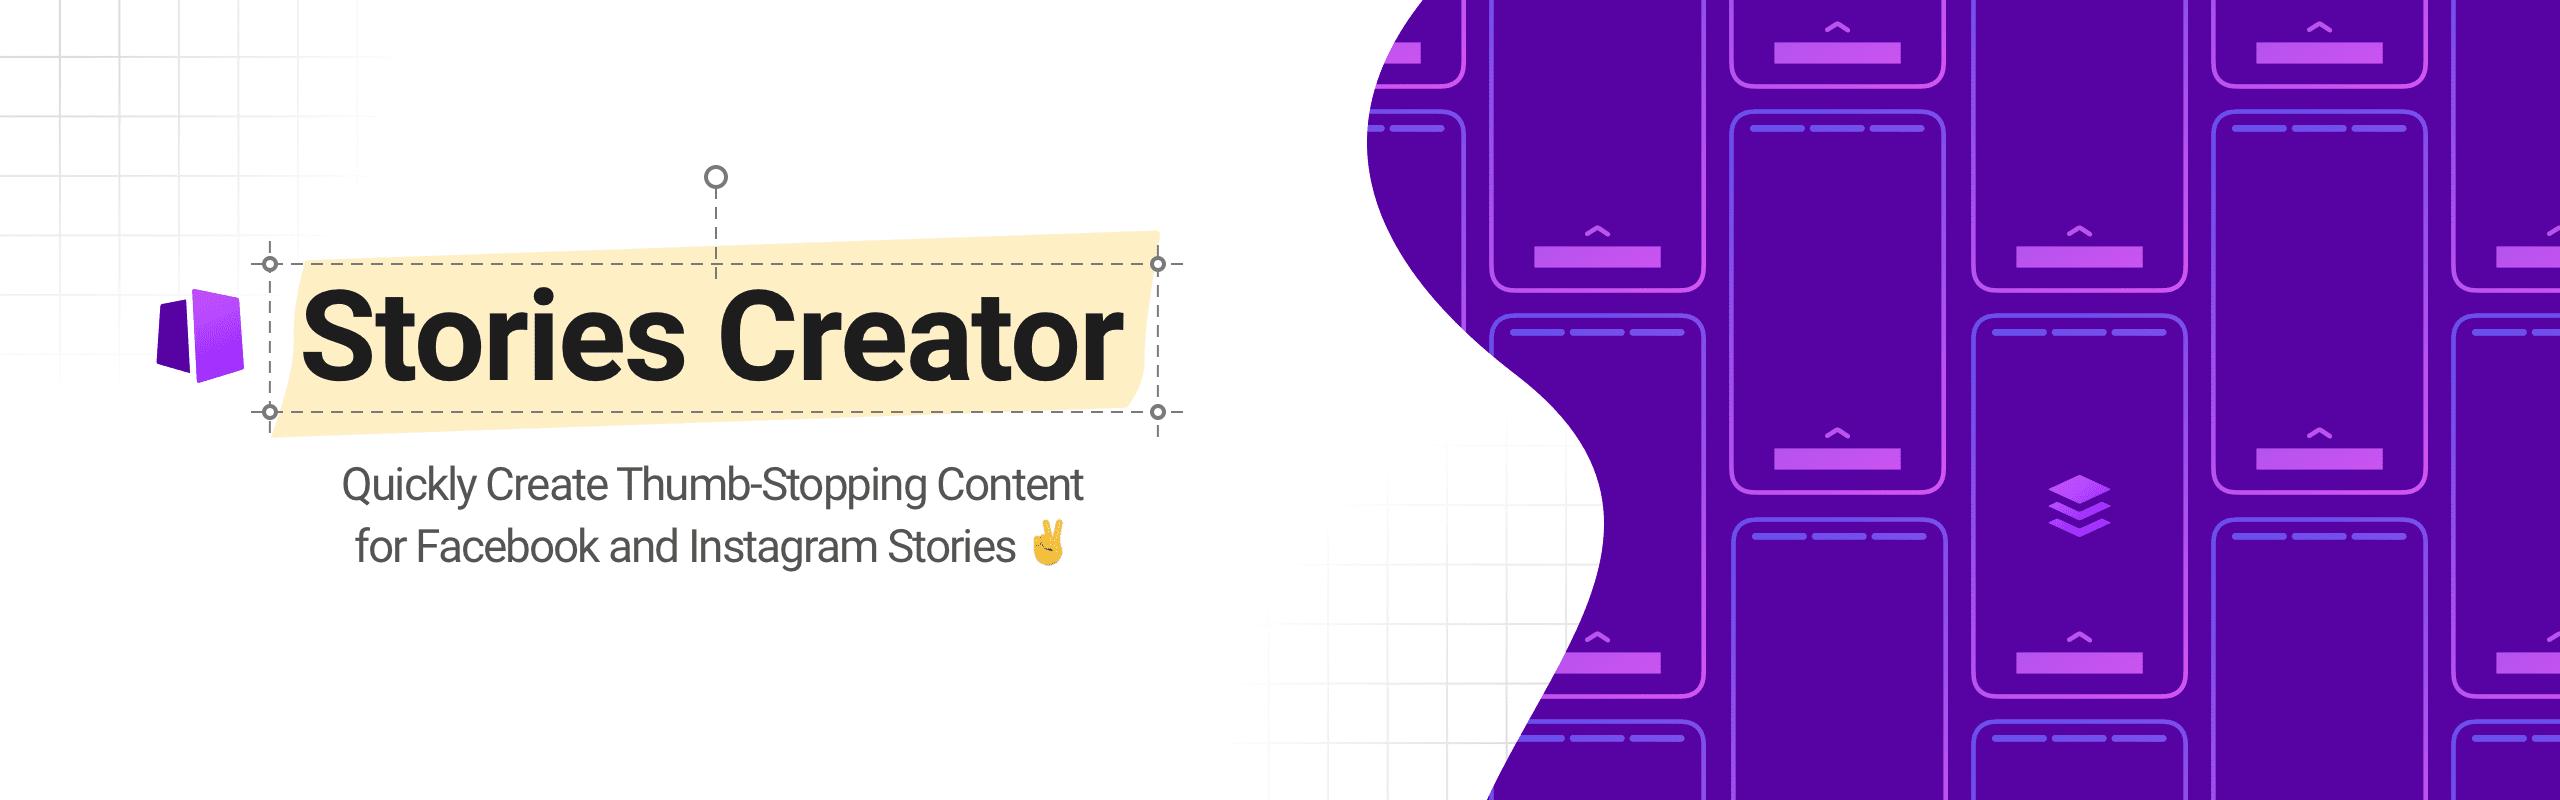 Buffer Stories Creator